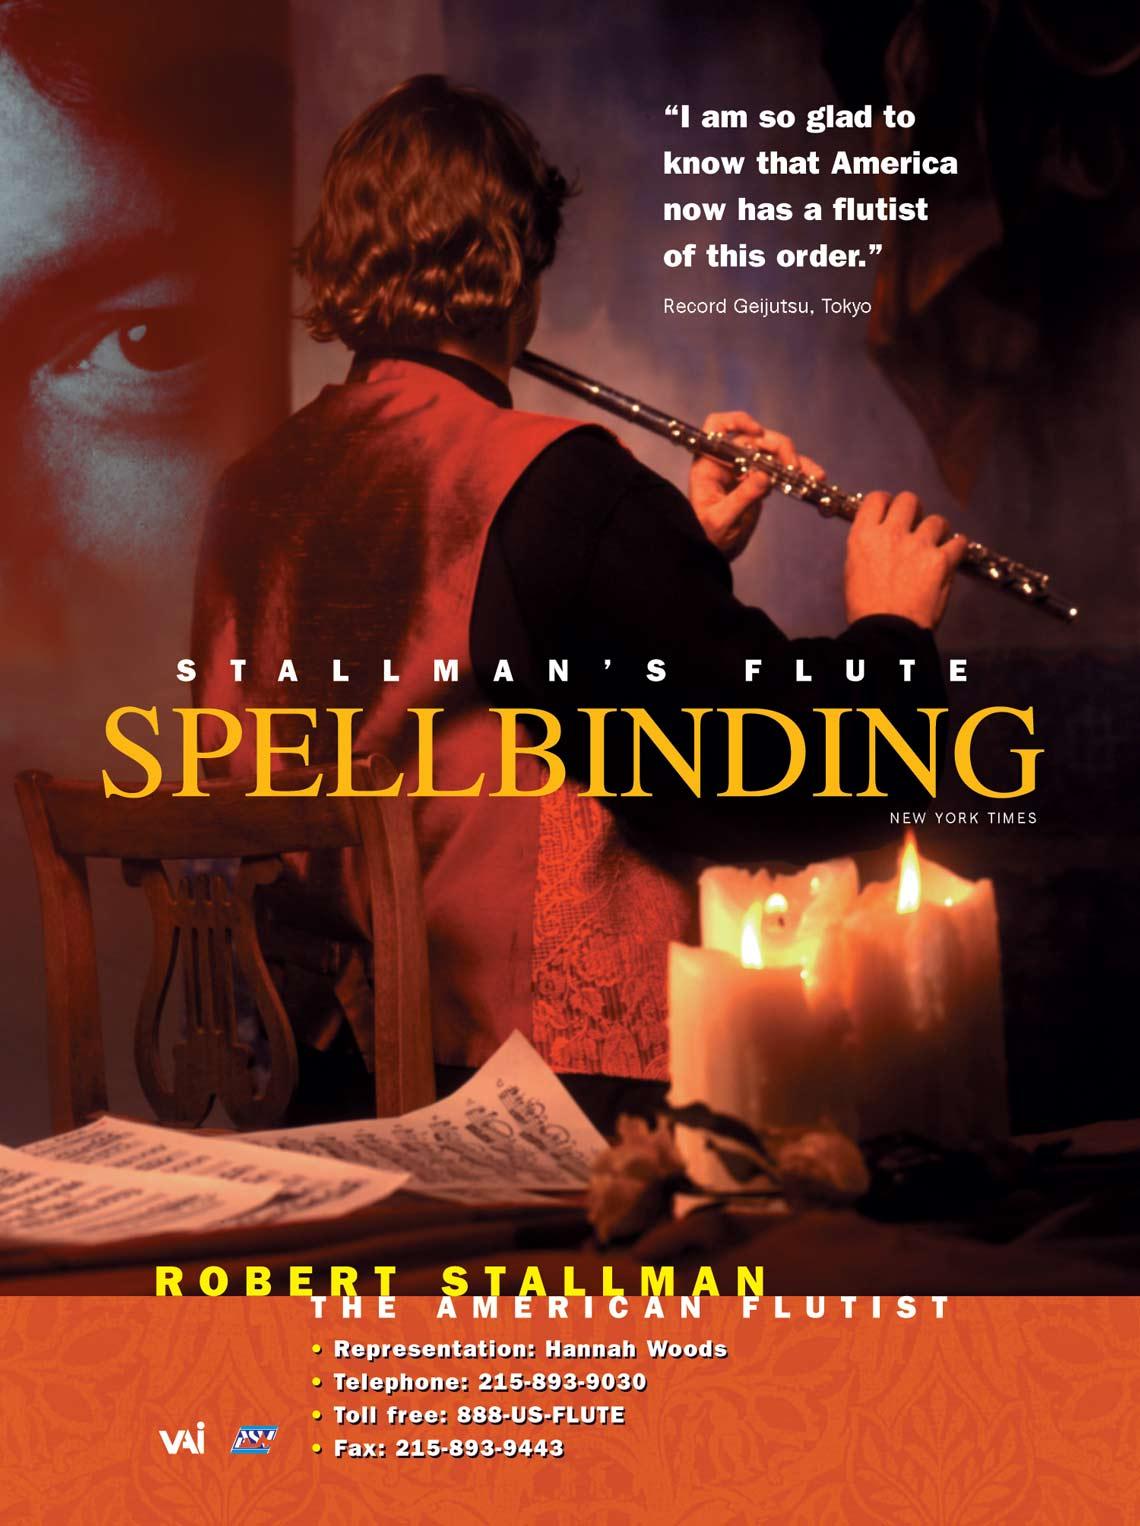 Stallman's Flute: Spellbinding